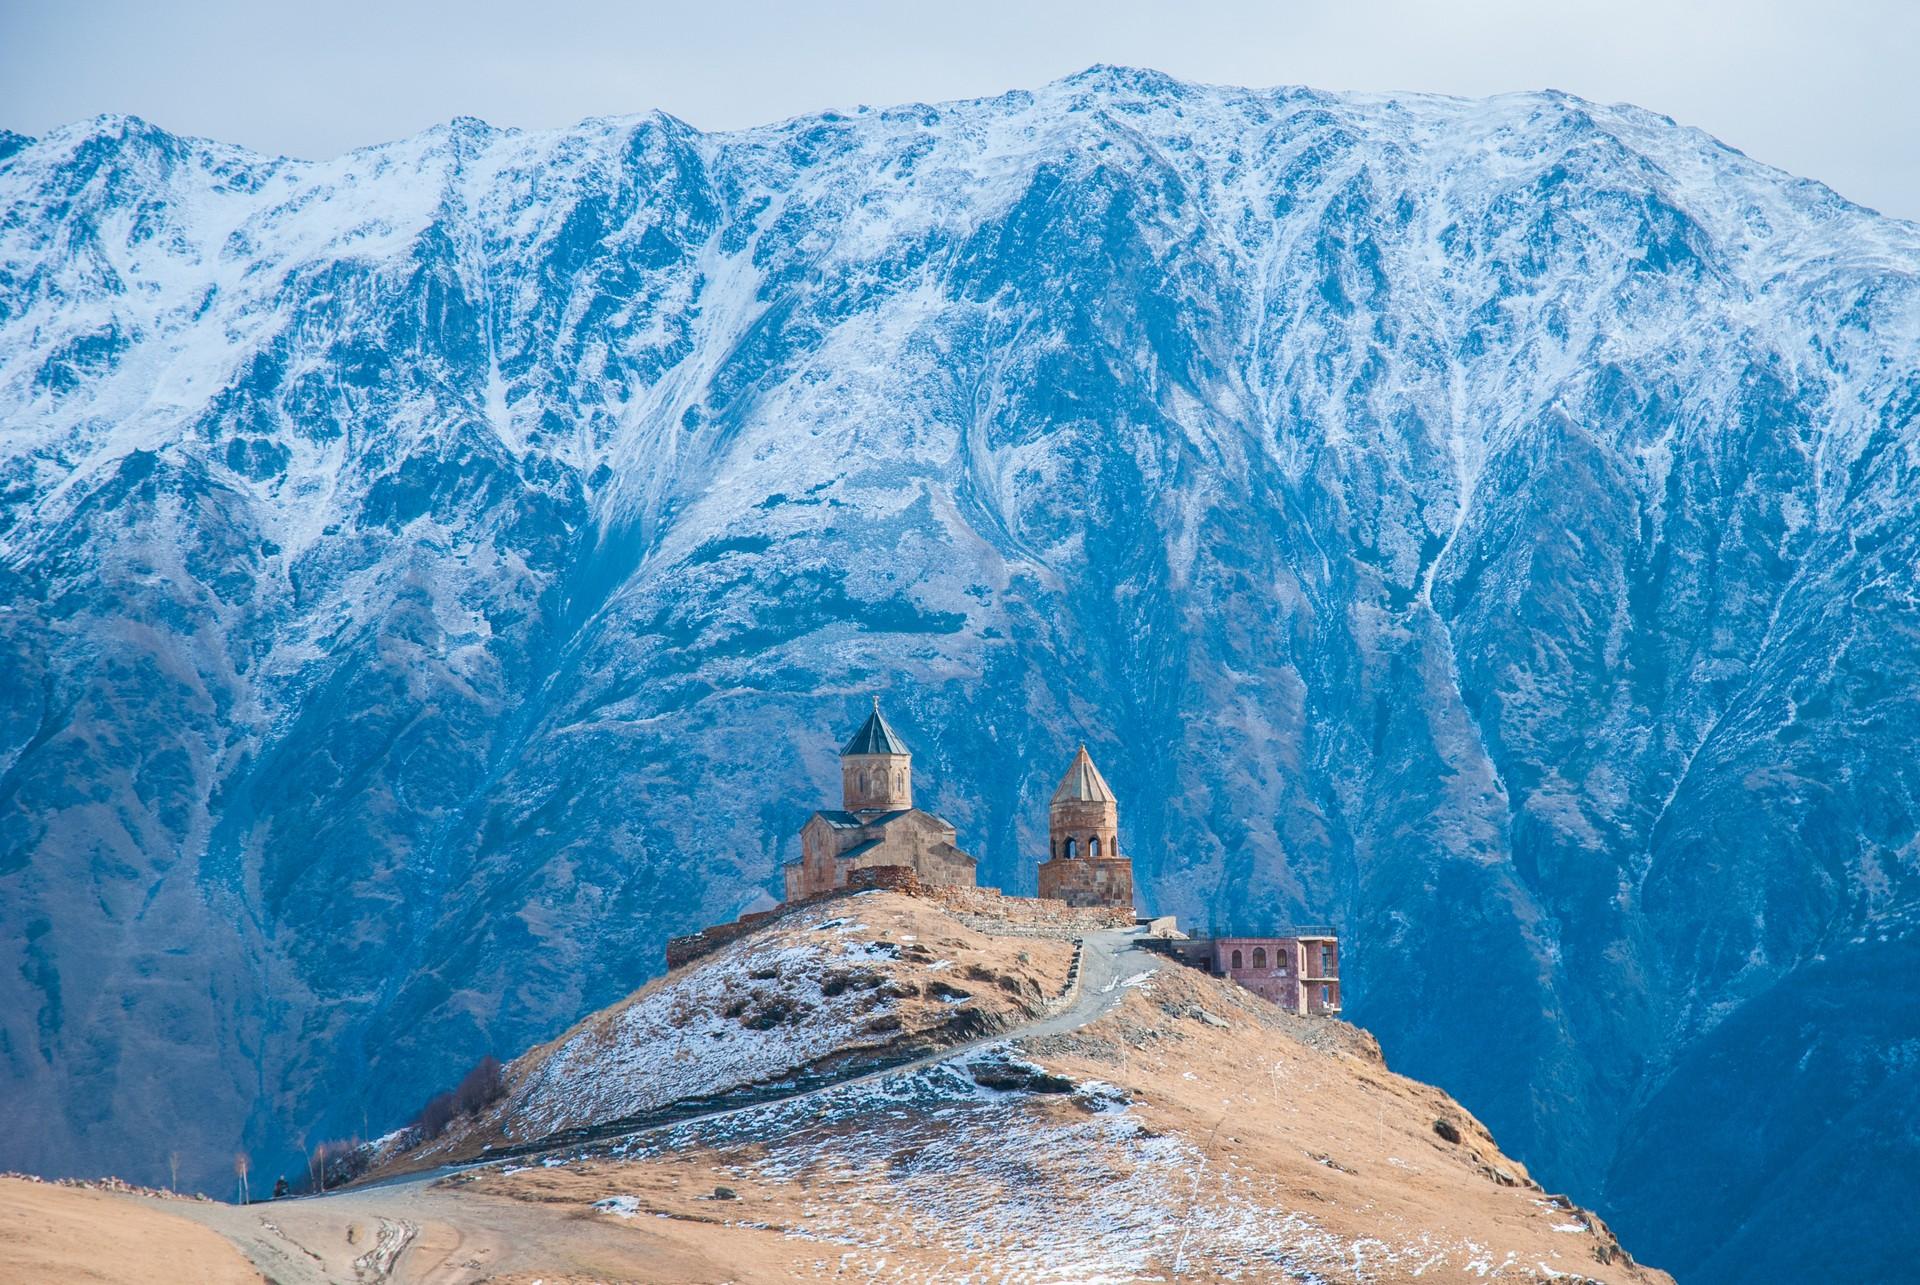 Winter view of Kazbegi, Georgia